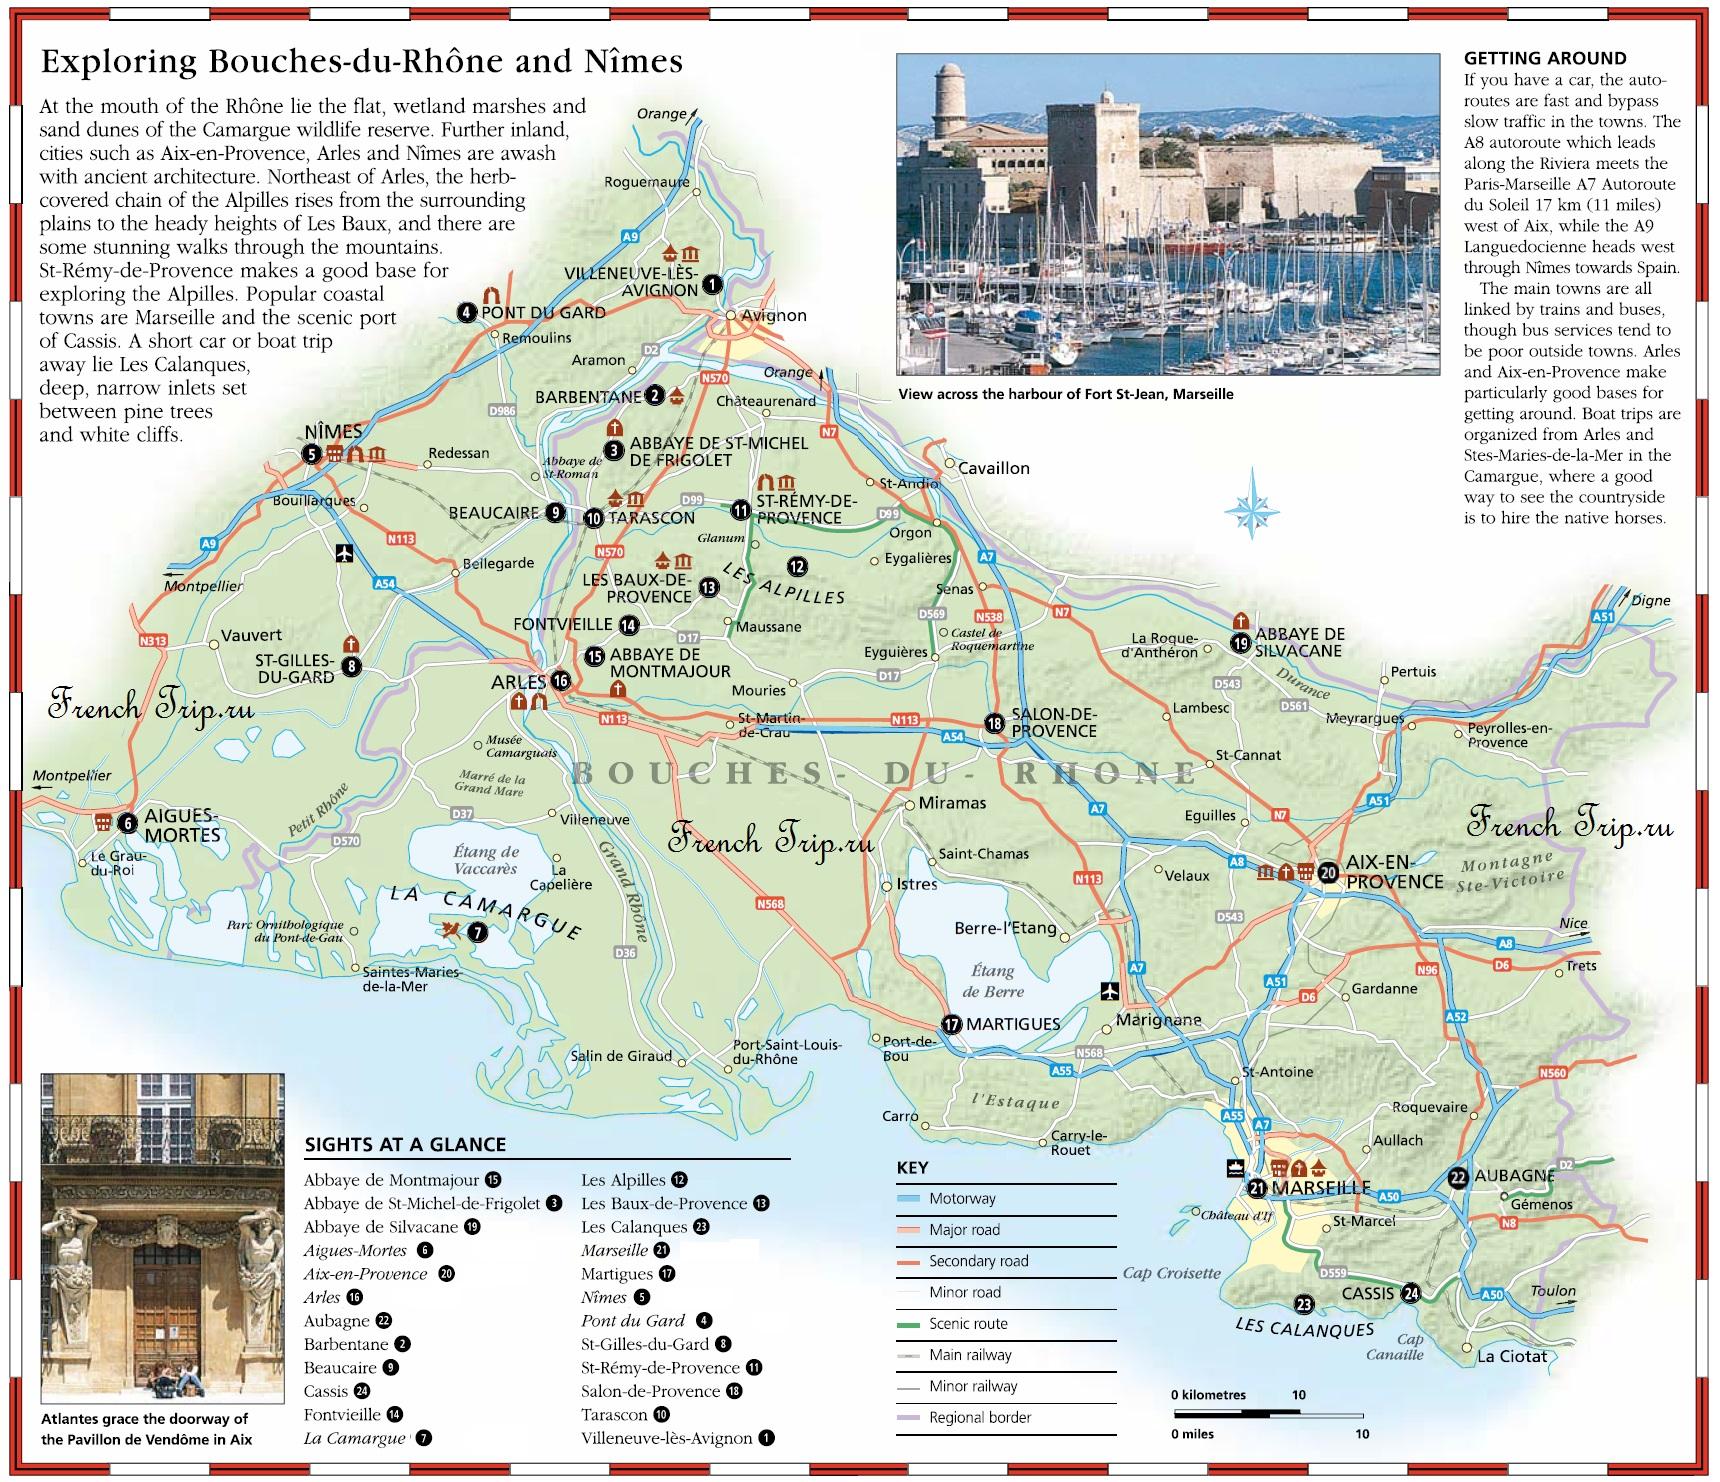 Bouches-du-Rhone-Nimes Карта Нима - что посмотреть в региону вокруг Нима